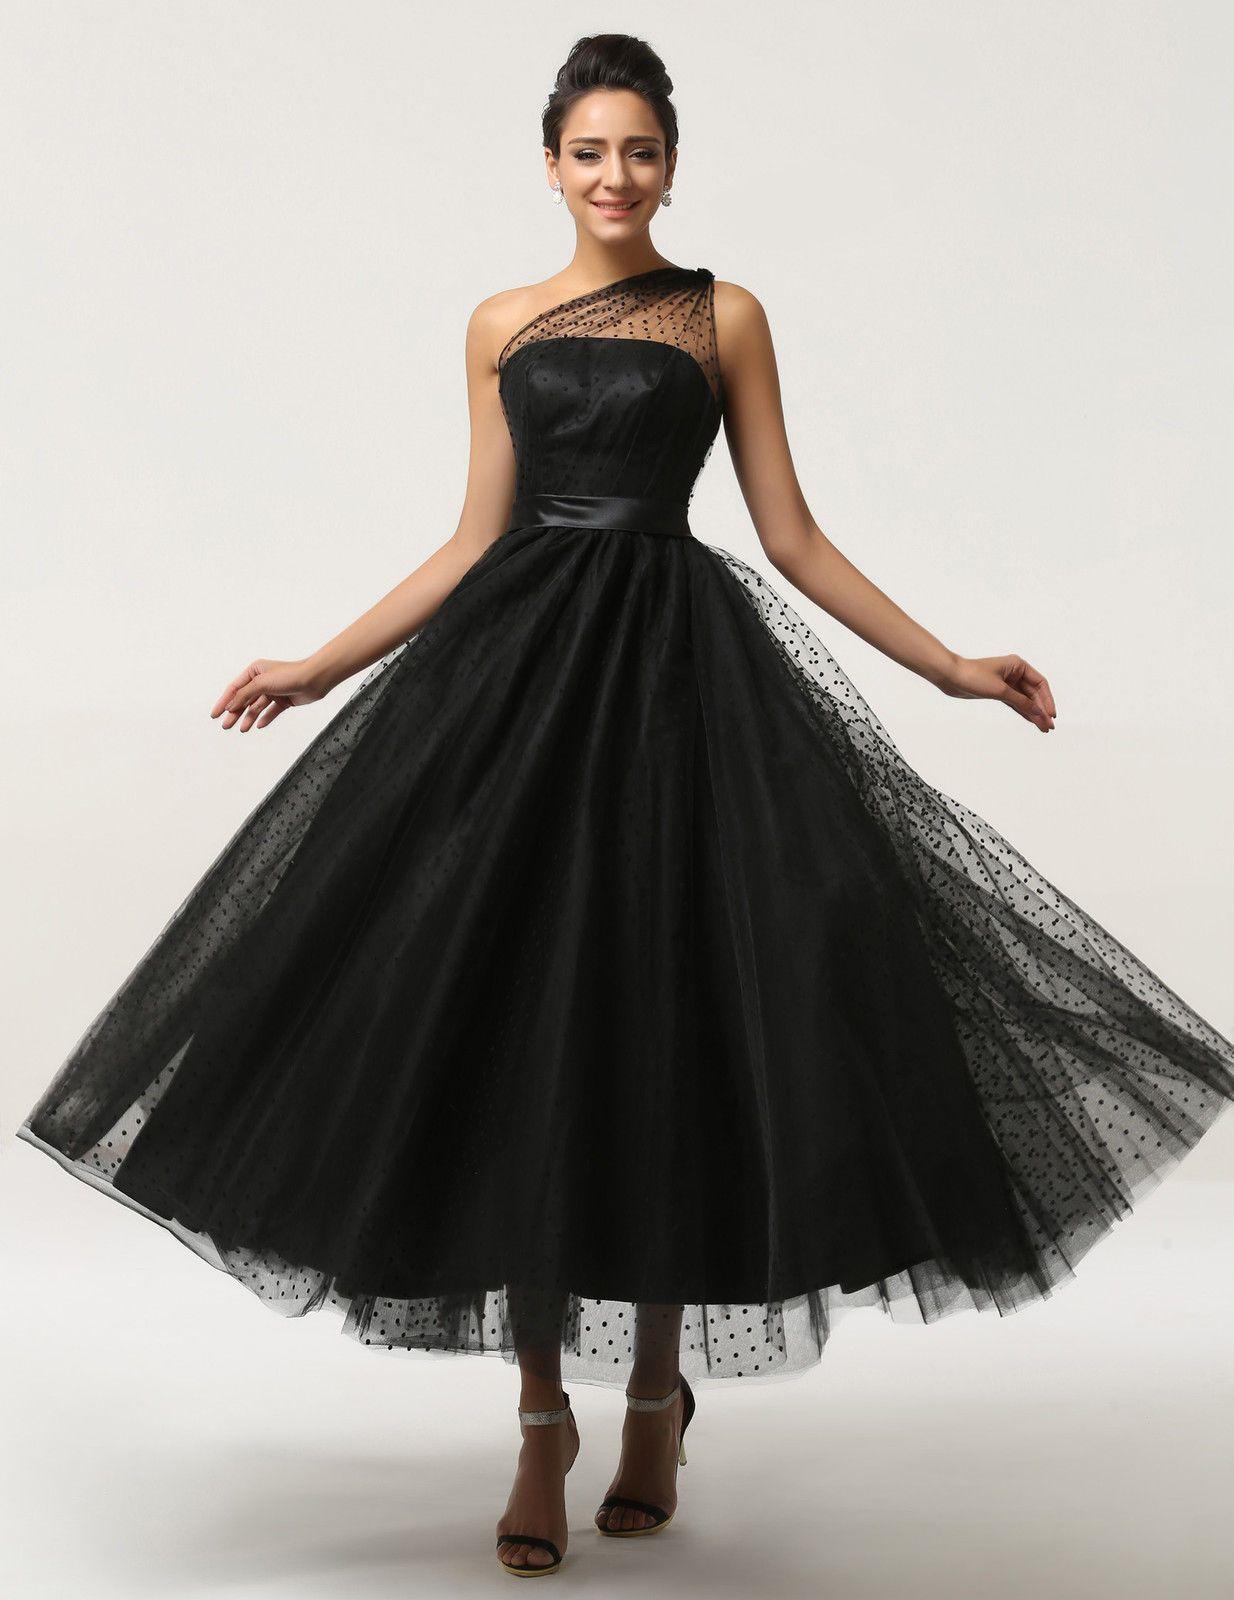 evening ball gown cocktail dress